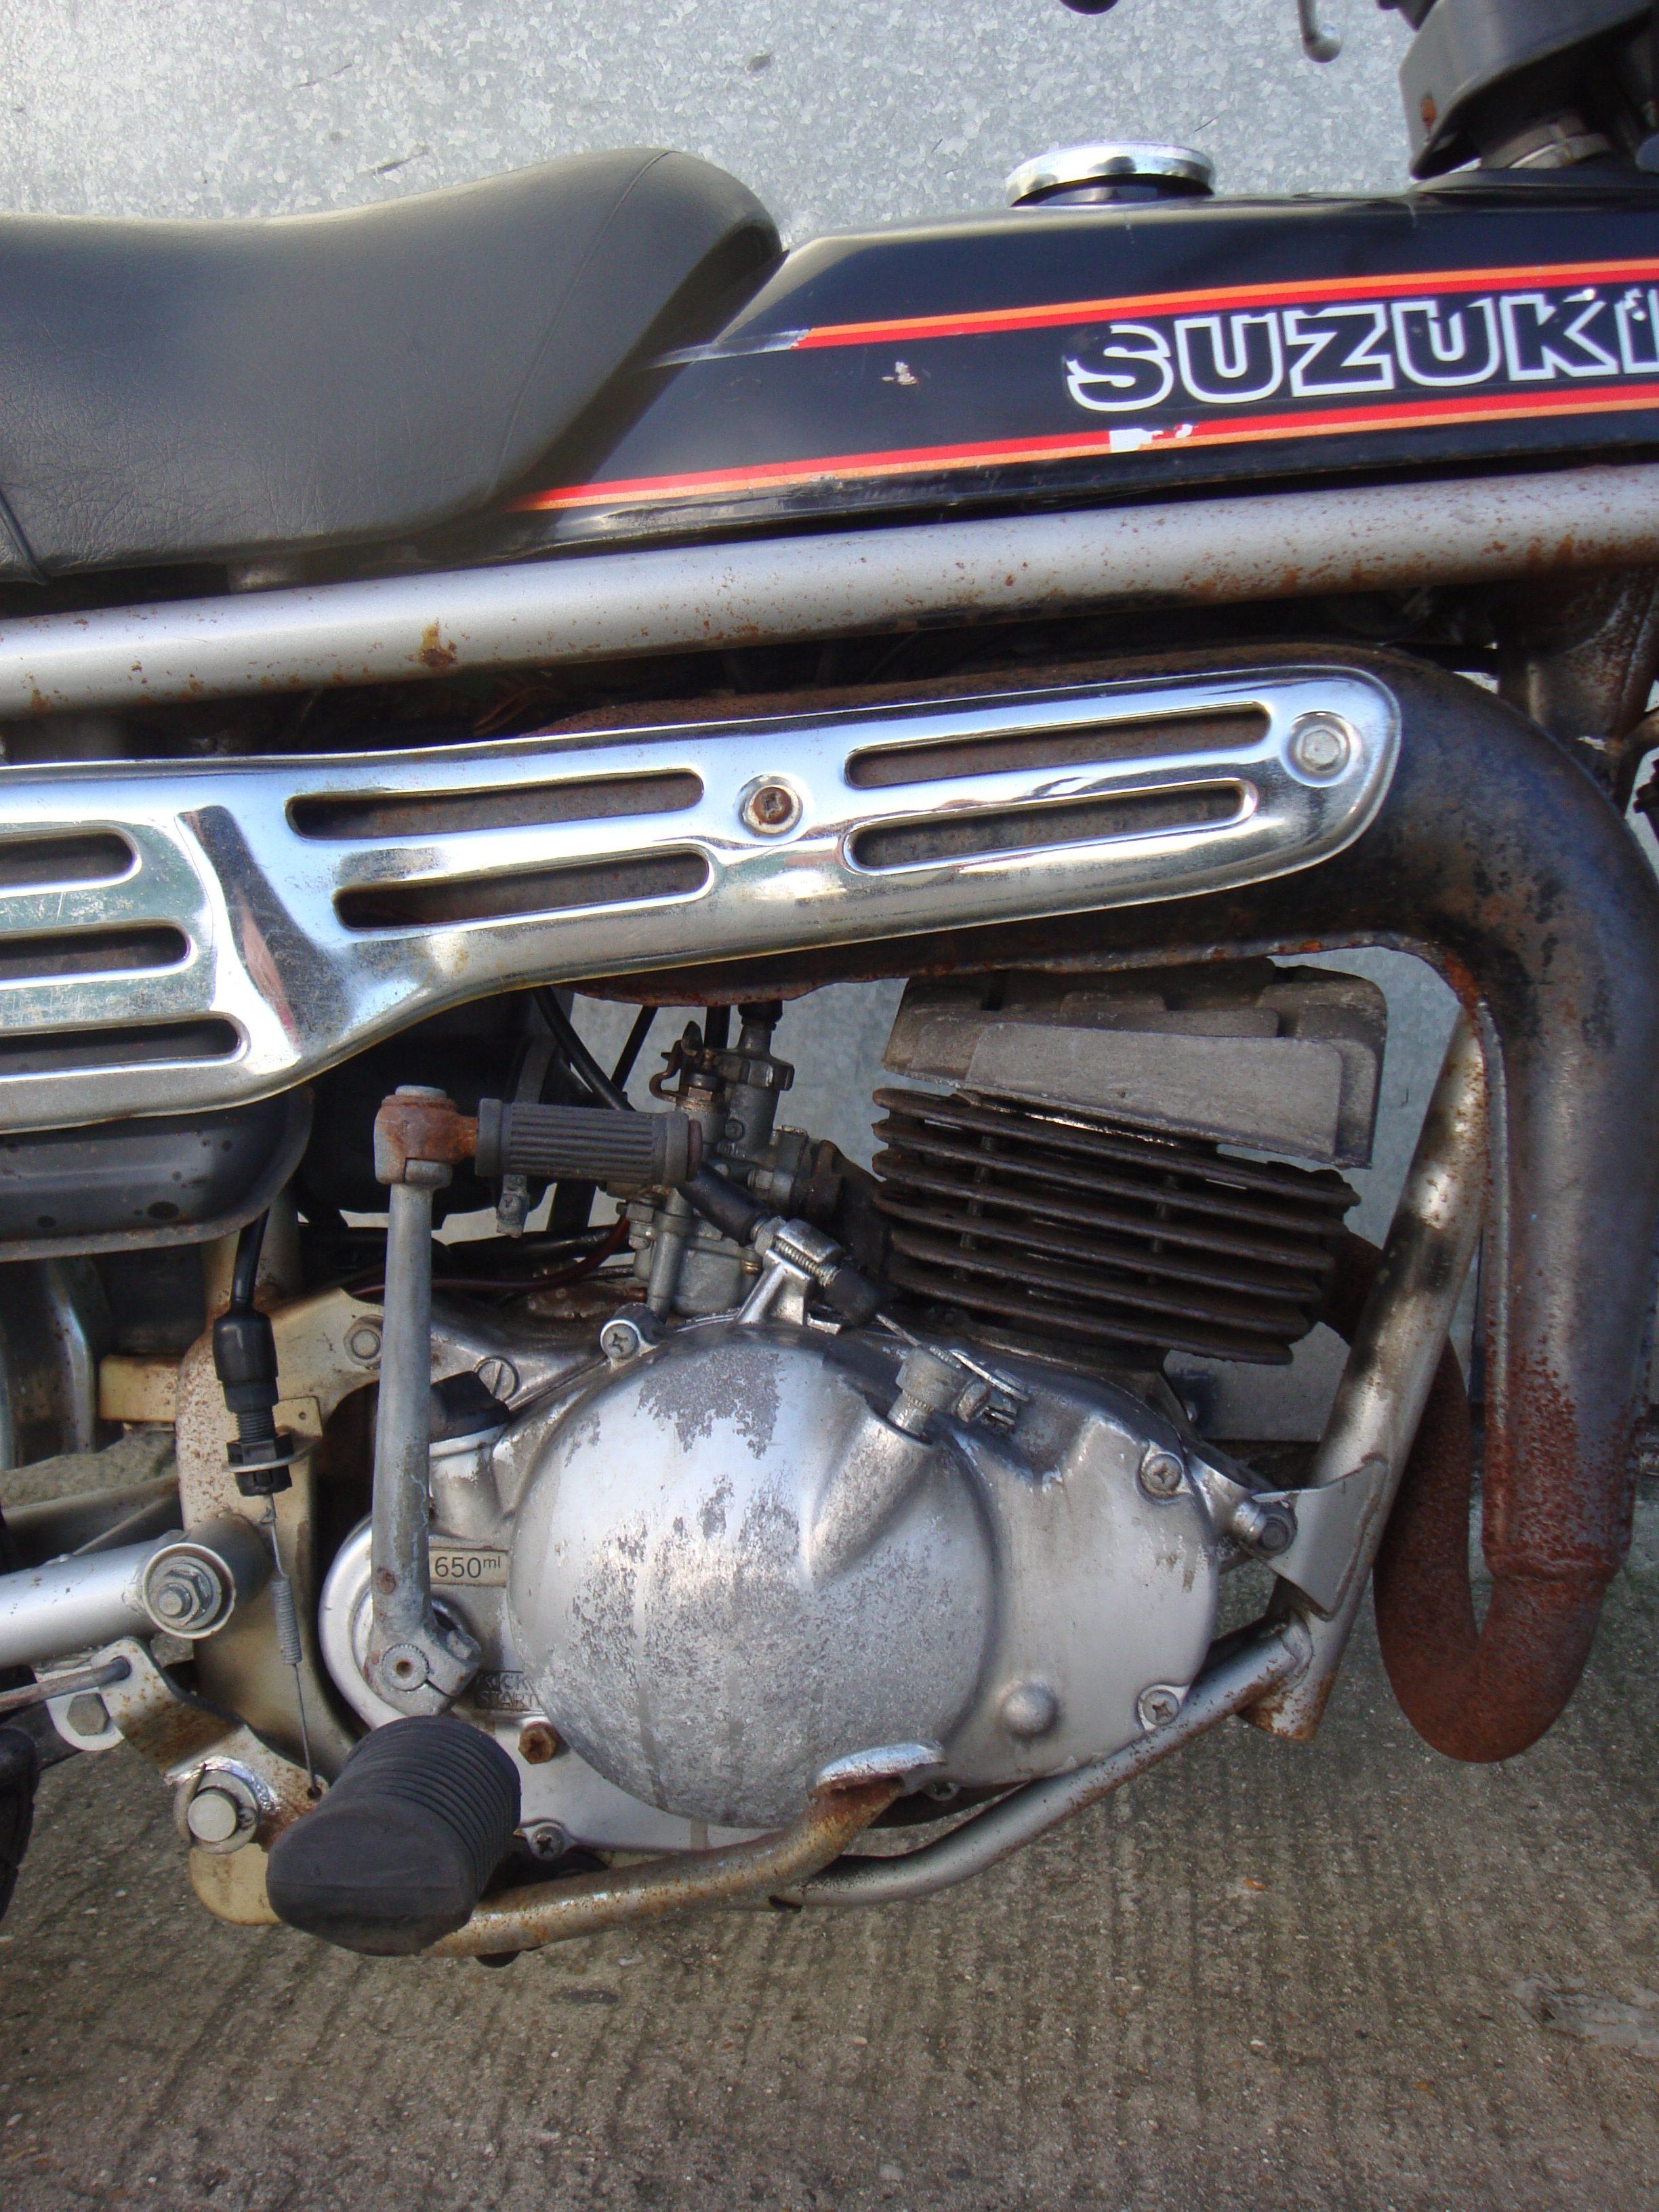 Suzuki Pv 50 For Sale >> Suzuki PV50 EPO - 1979 ⋆ Unit 5 Motos